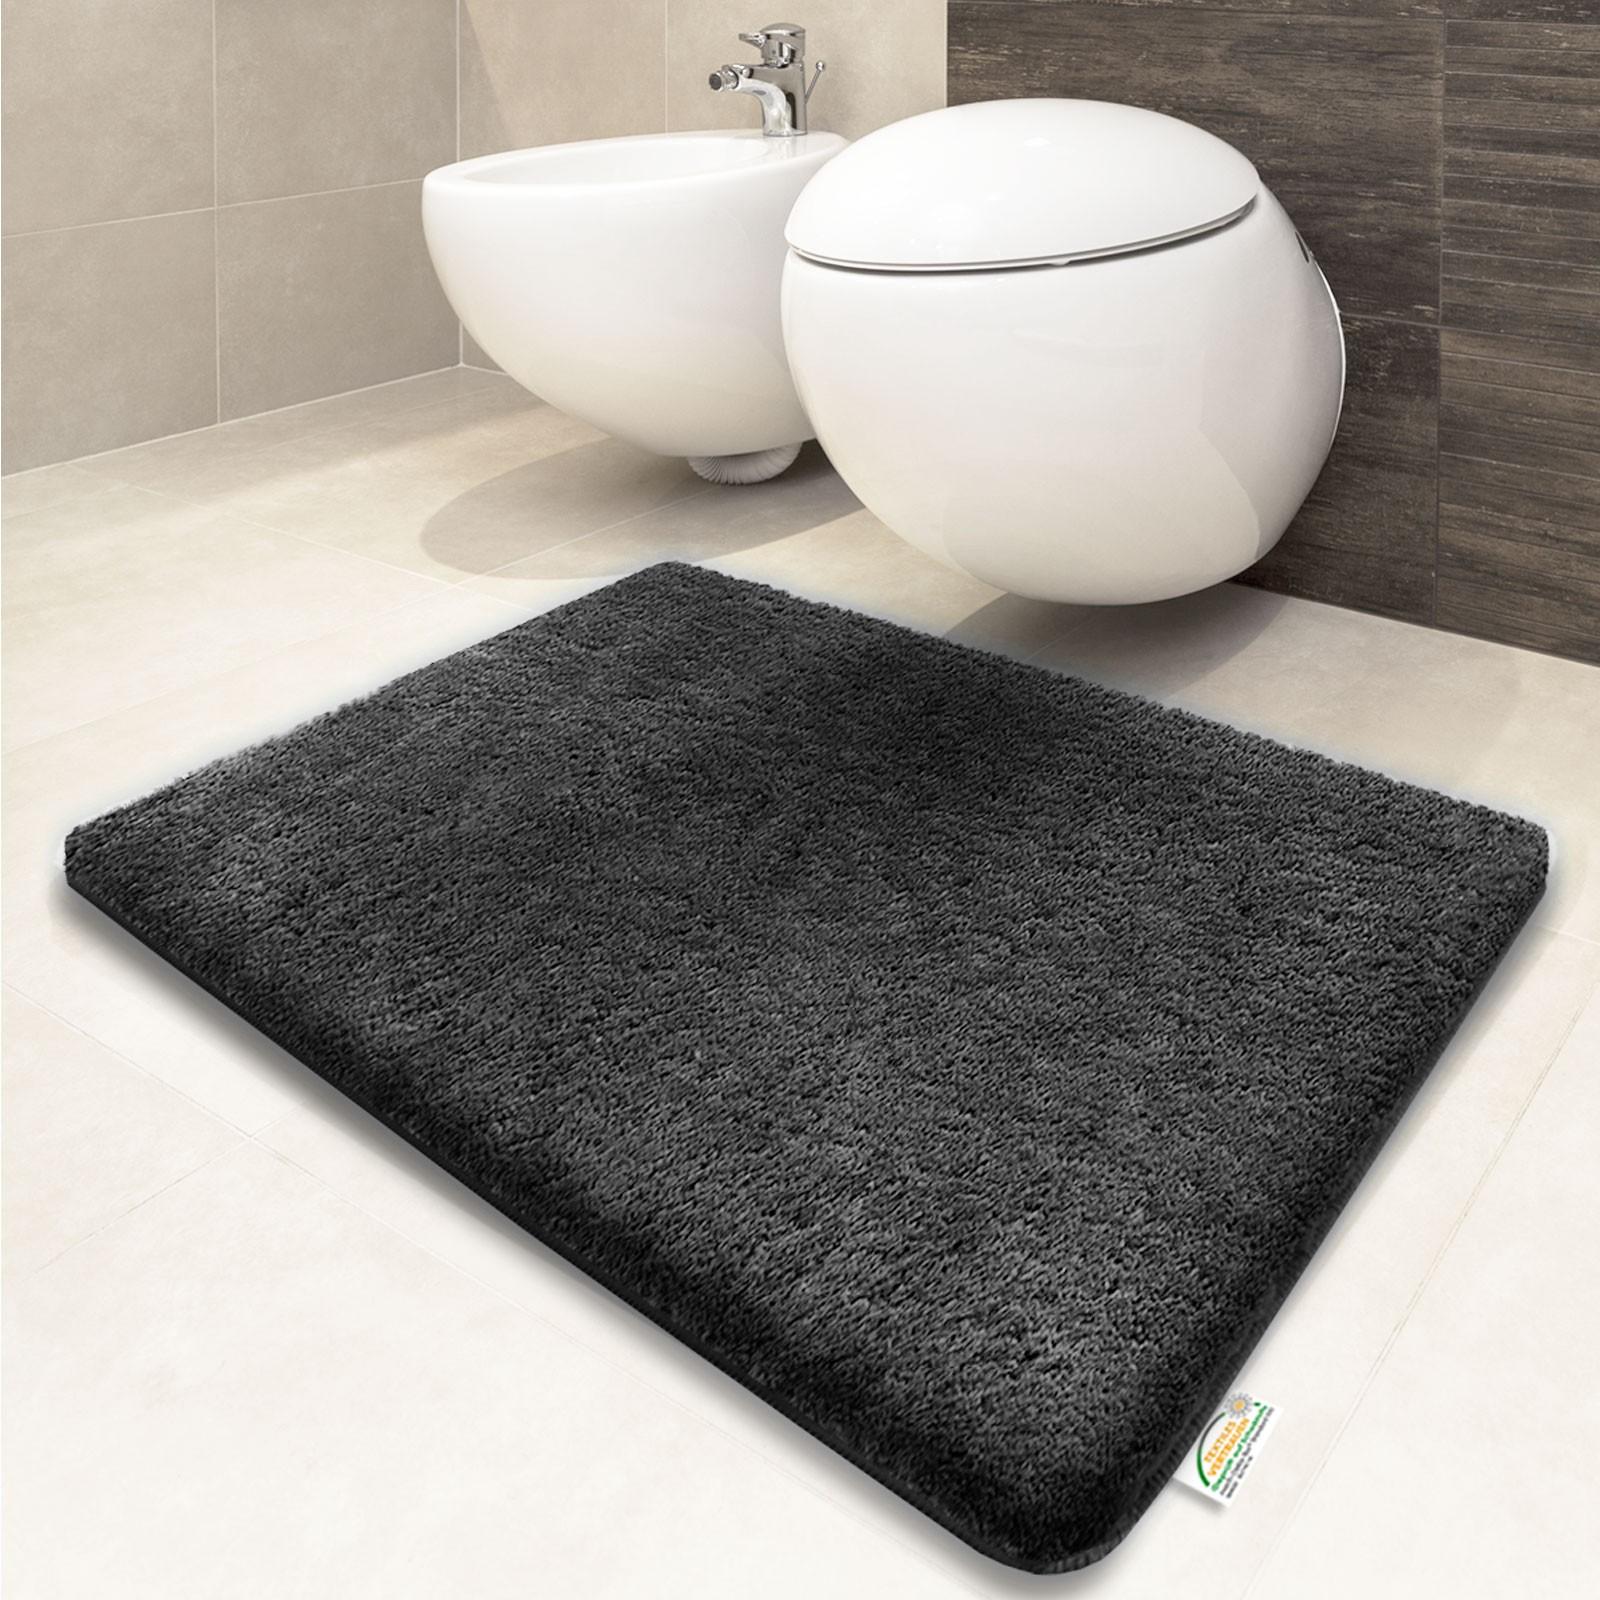 tapis de salle de bain 2 Résultat Supérieur 13 Unique Tapis Salle De Bain Galerie 2017 Lok9